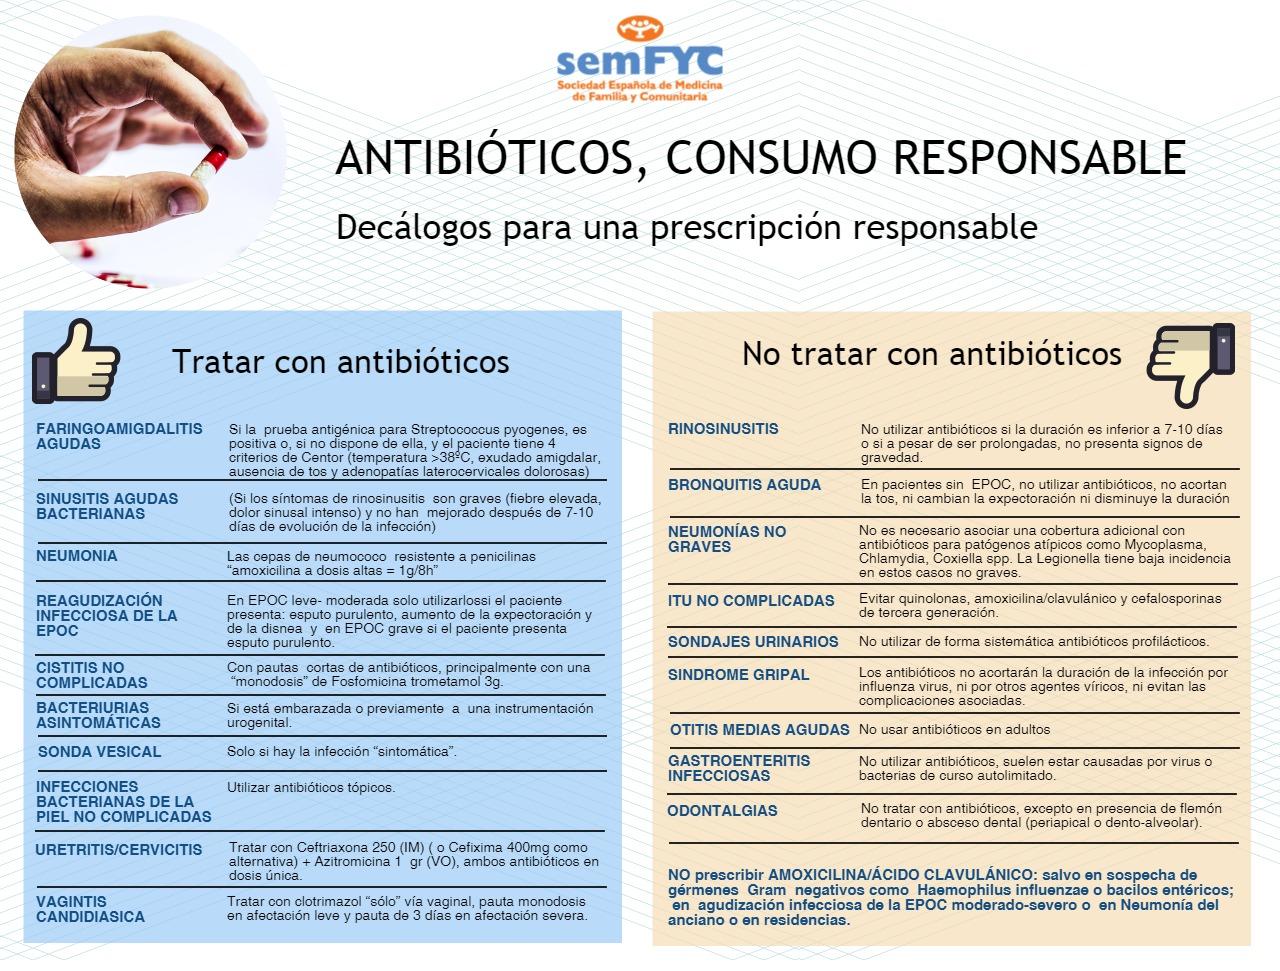 Decálogo Uso Prudente Antibióticos